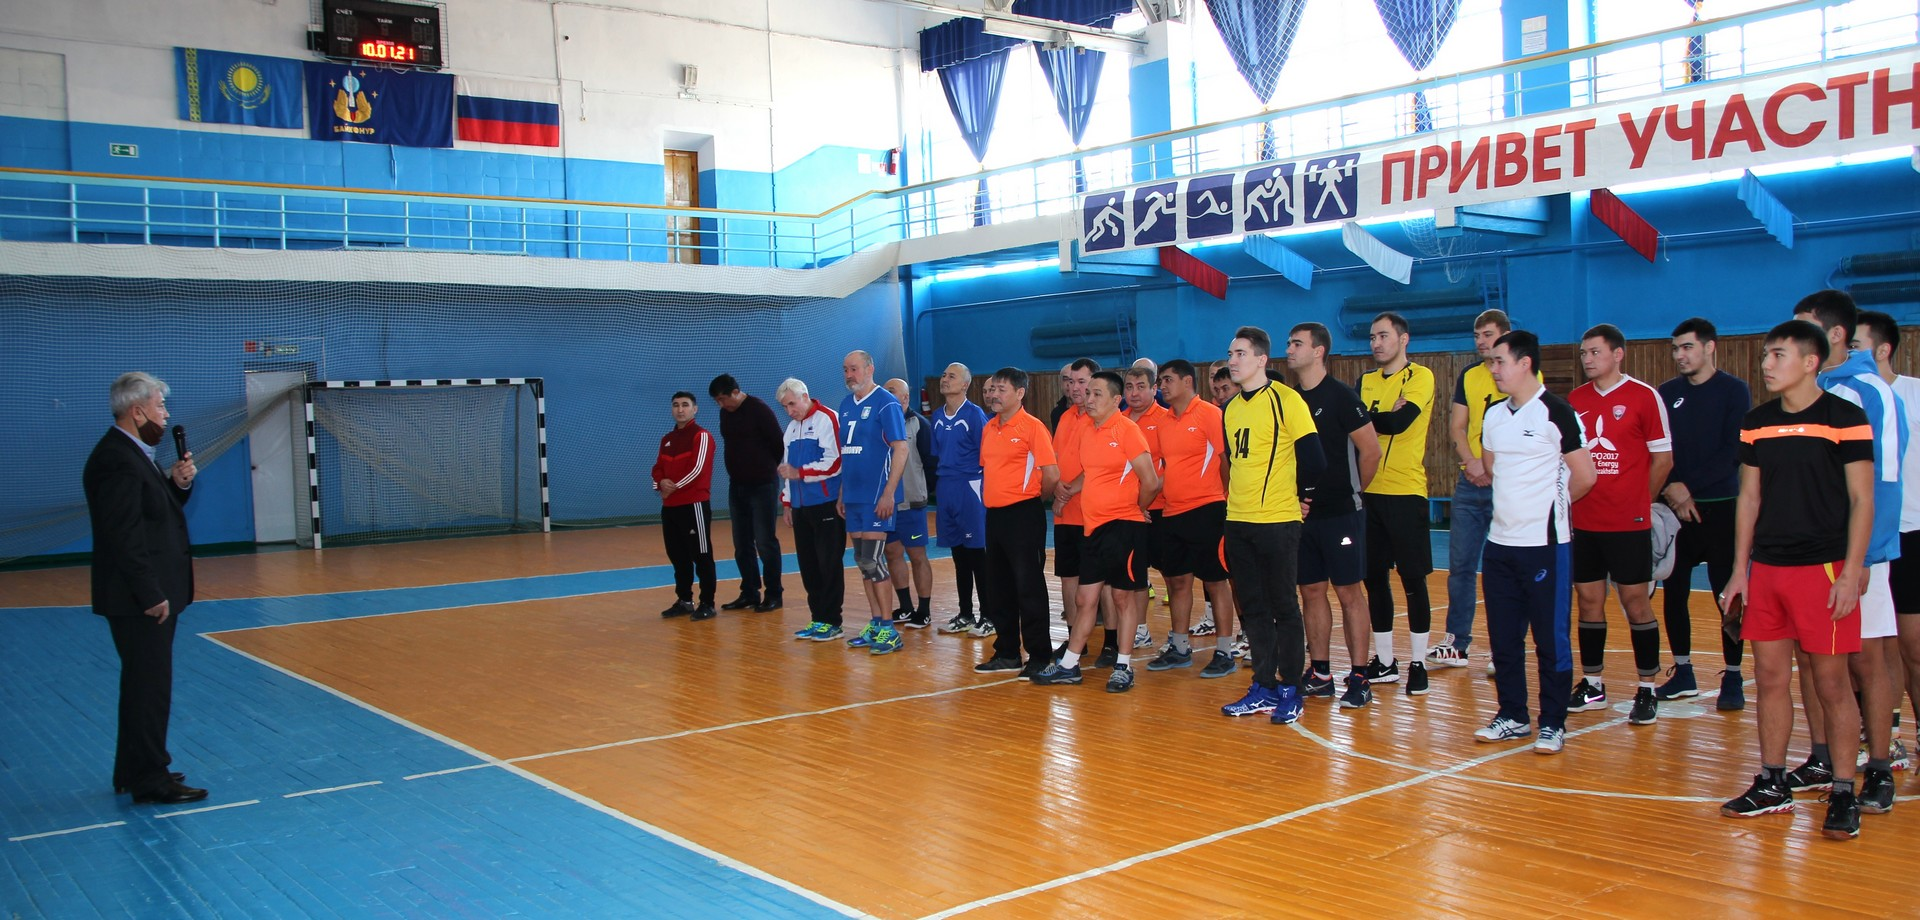 Завершился чемпионат города Байконура по волейболу среди мужских команд